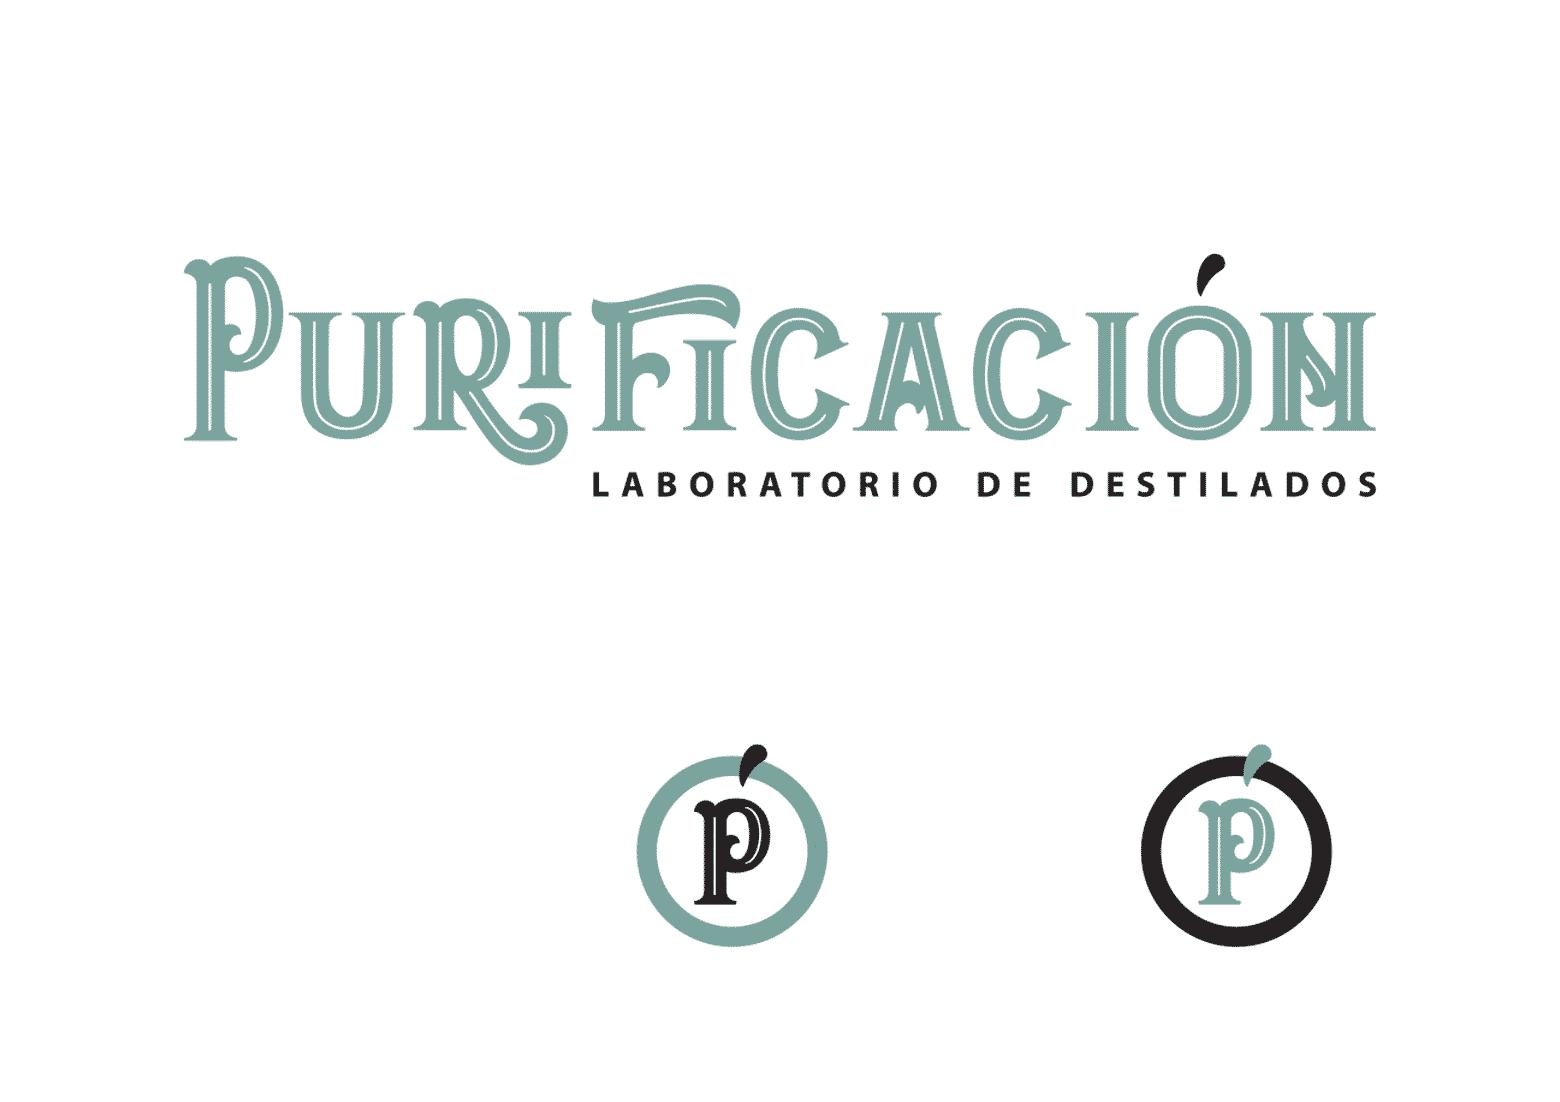 Diseño de logotipo purificacion